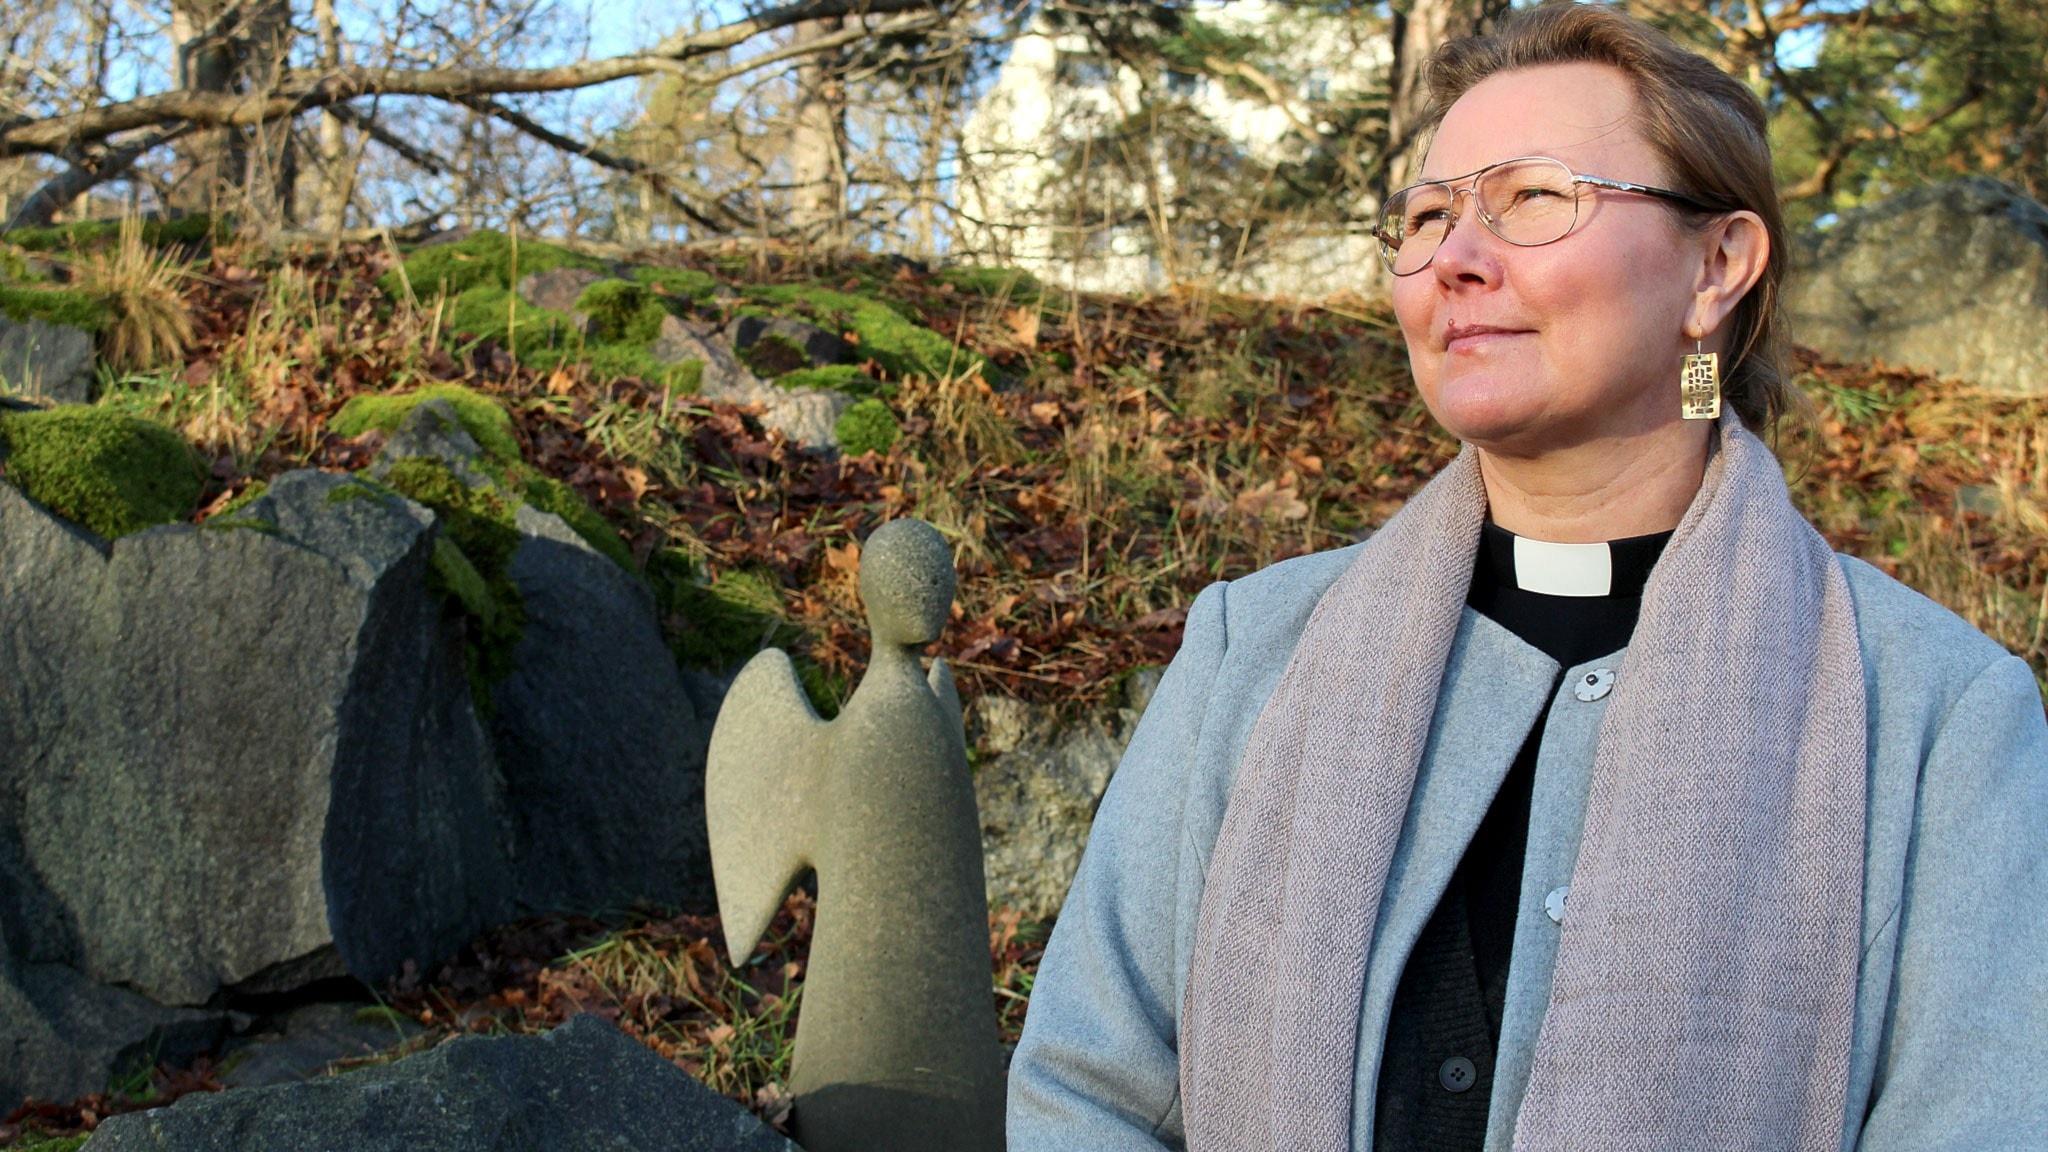 Början på en större kärlek - Maria Sverke